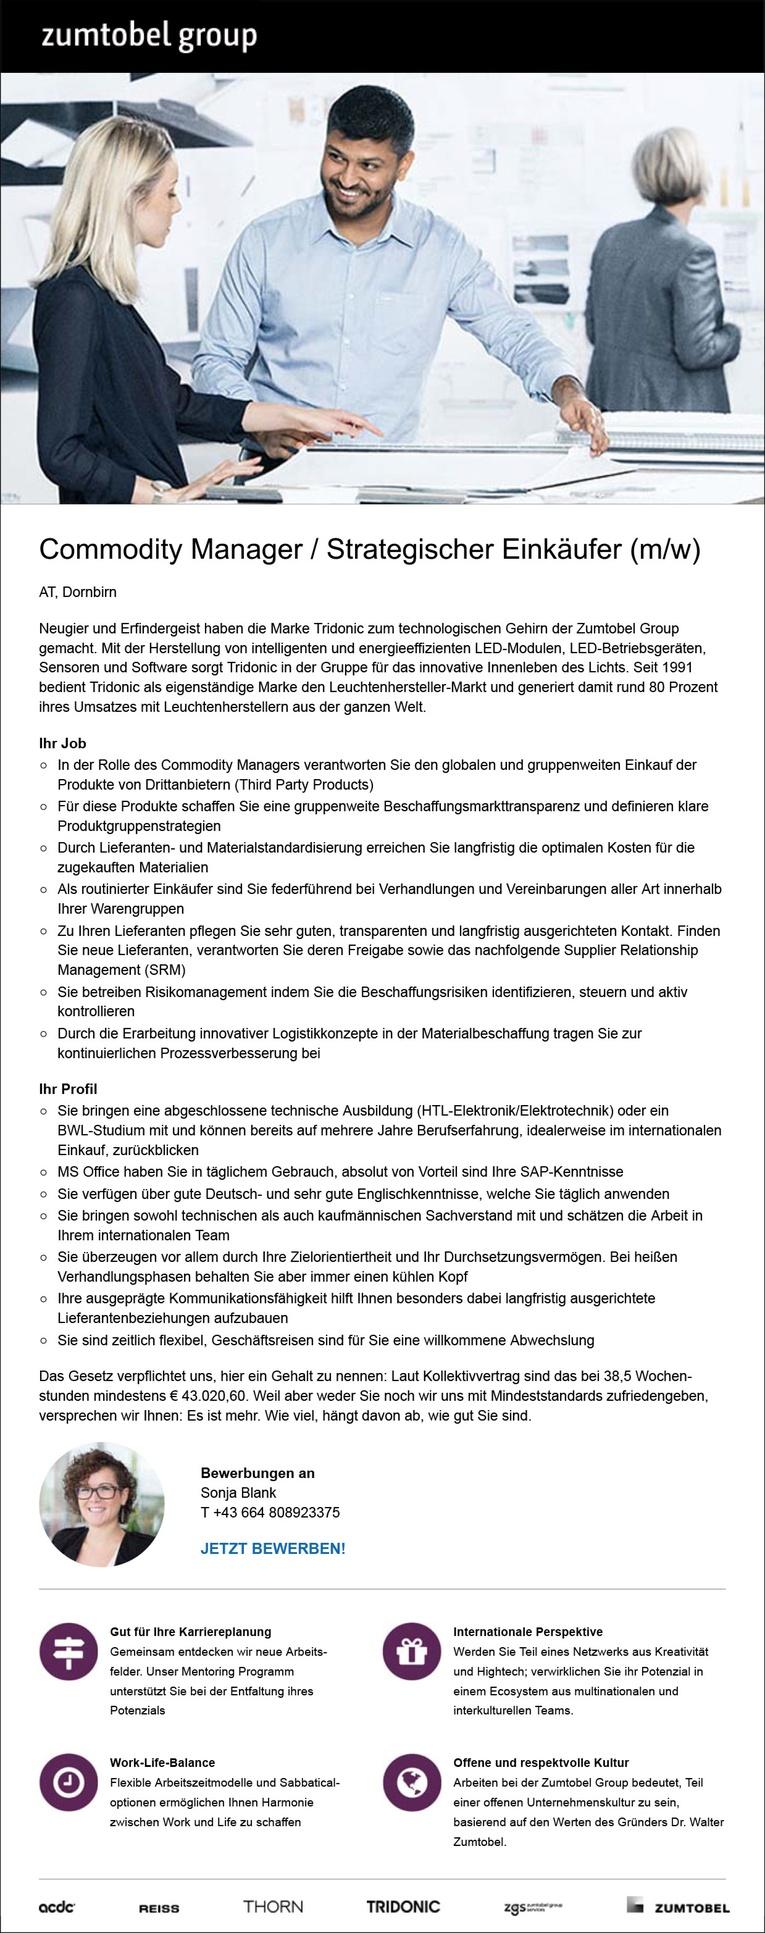 Commodity Manager / Technischer Einkäufer (m/w) in Dornbirn